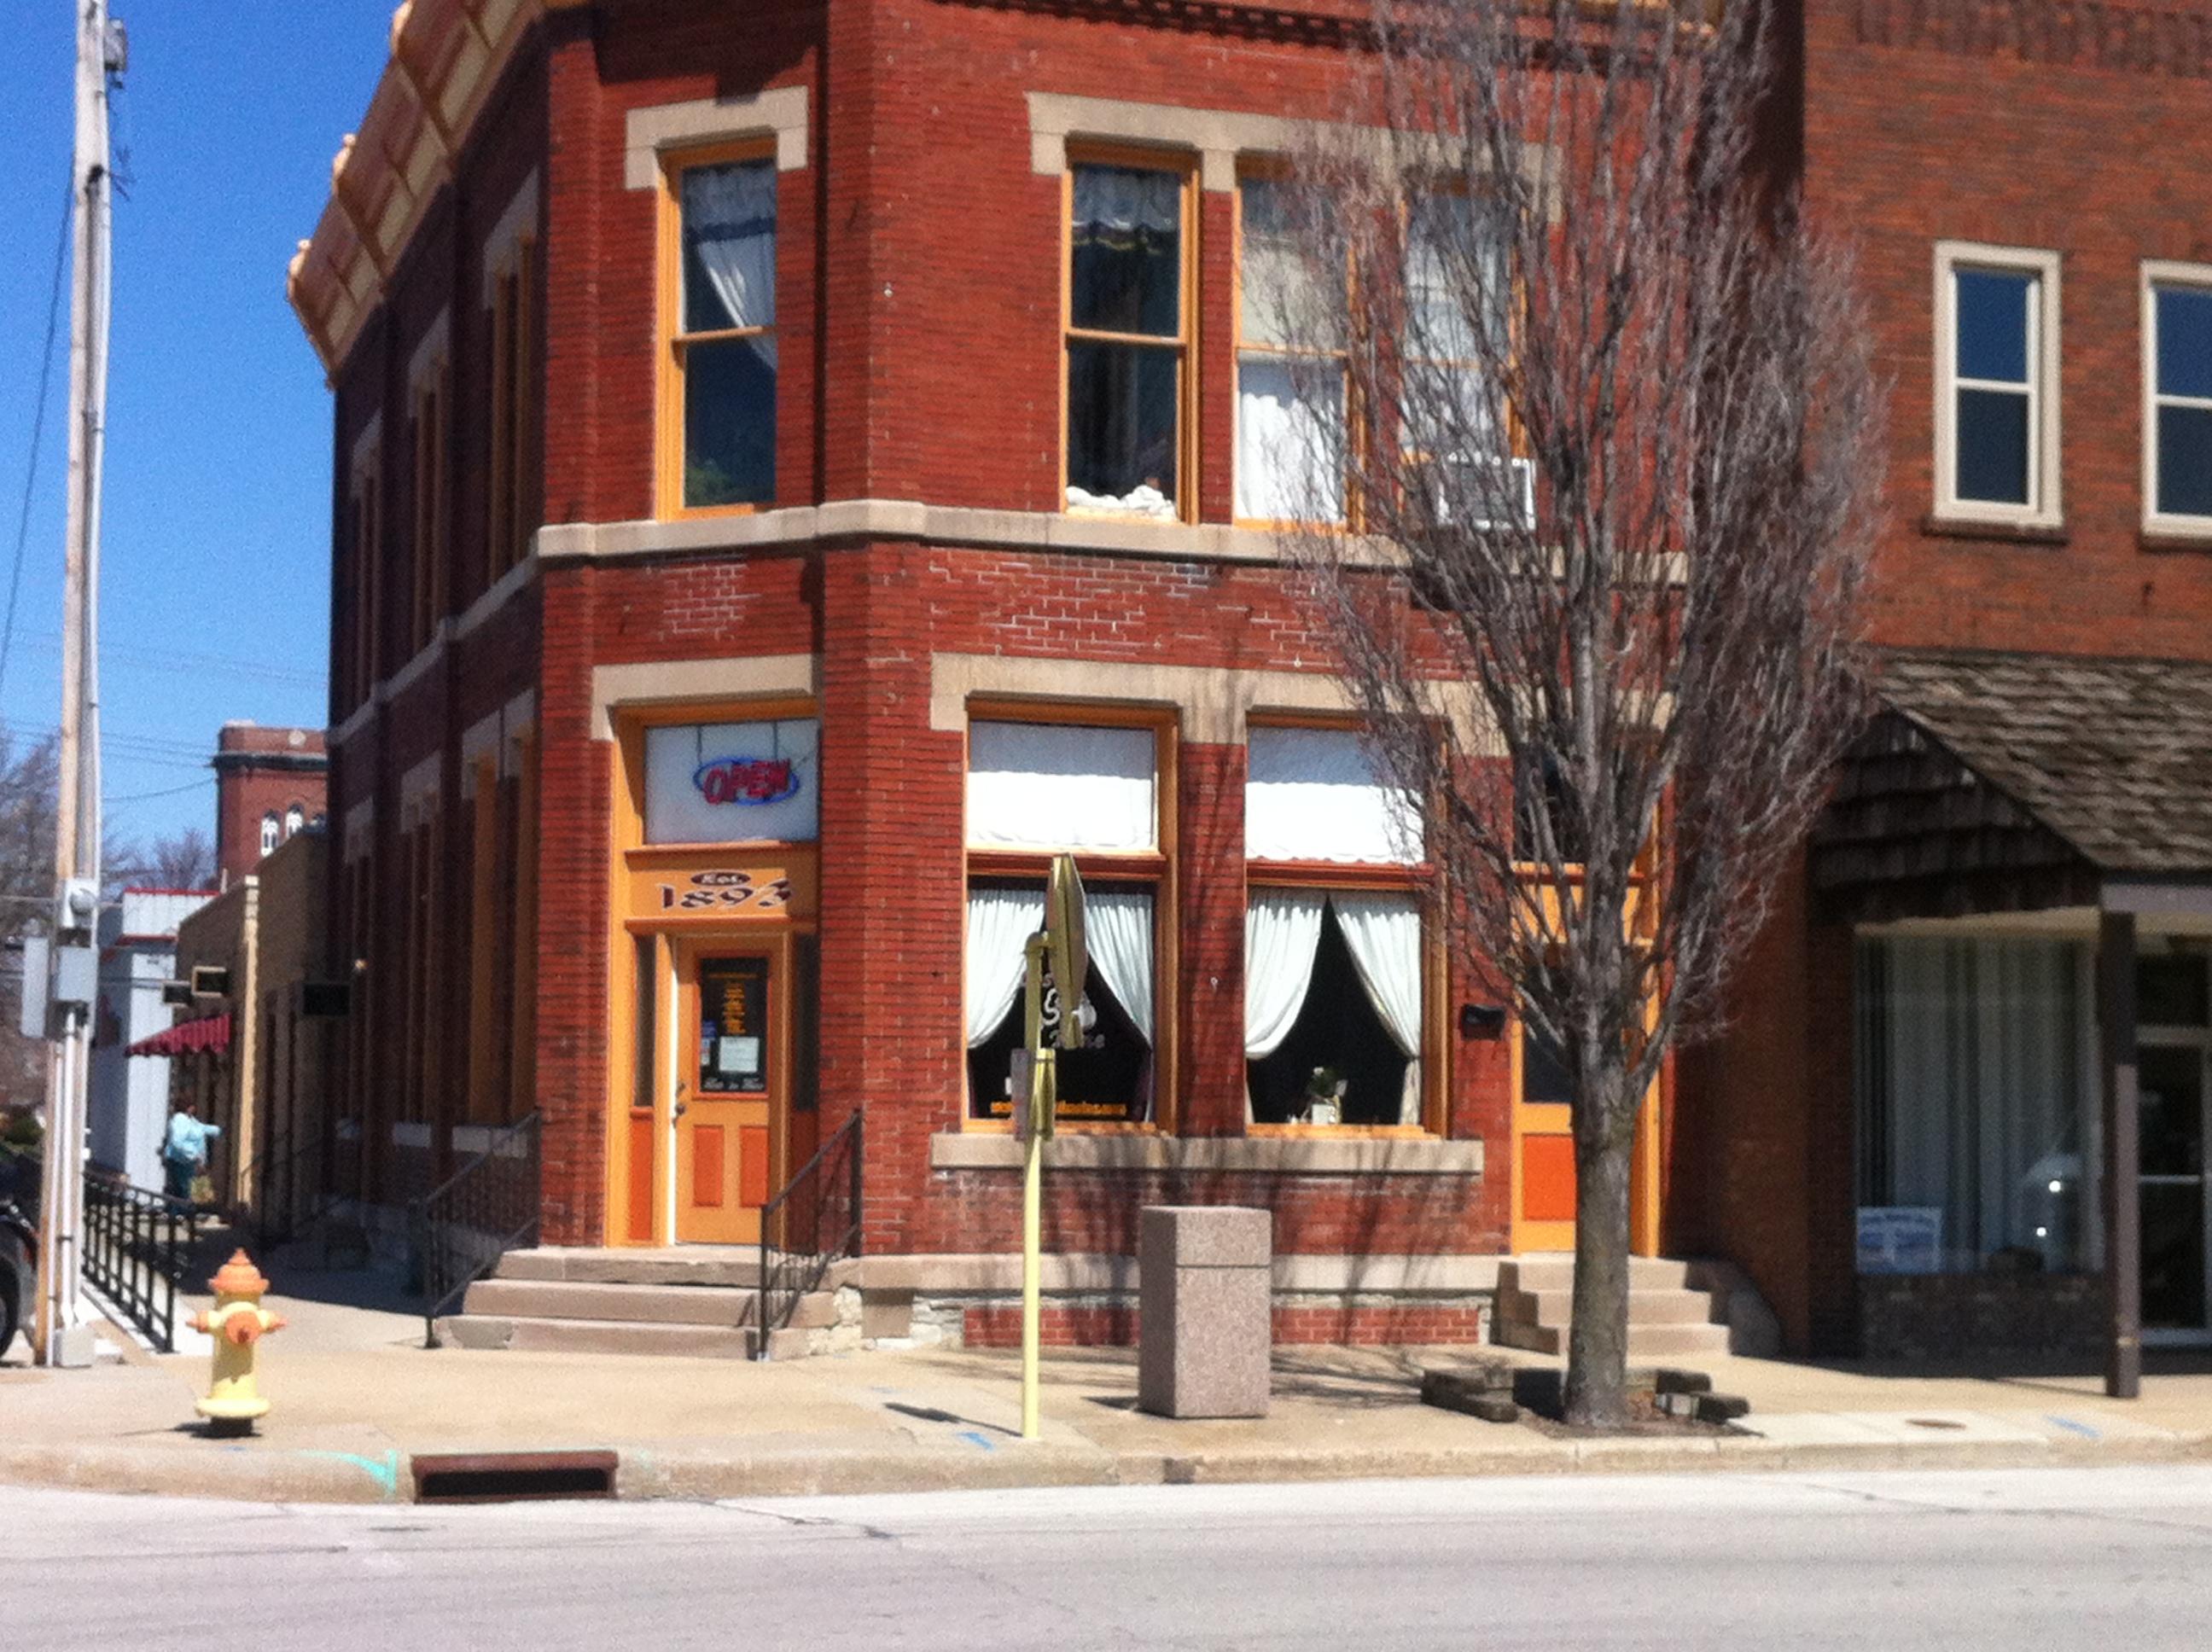 164 Fairbury Illinois Attractions